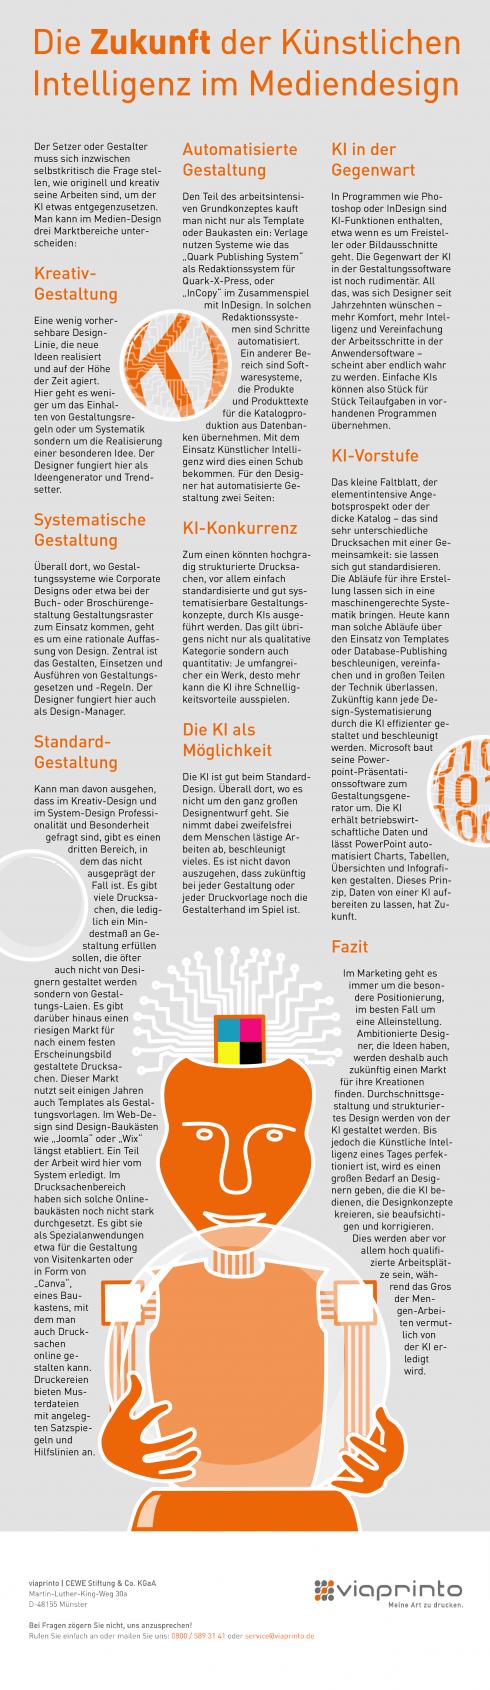 Infografik zur Zukunft der KI im Medien-Design